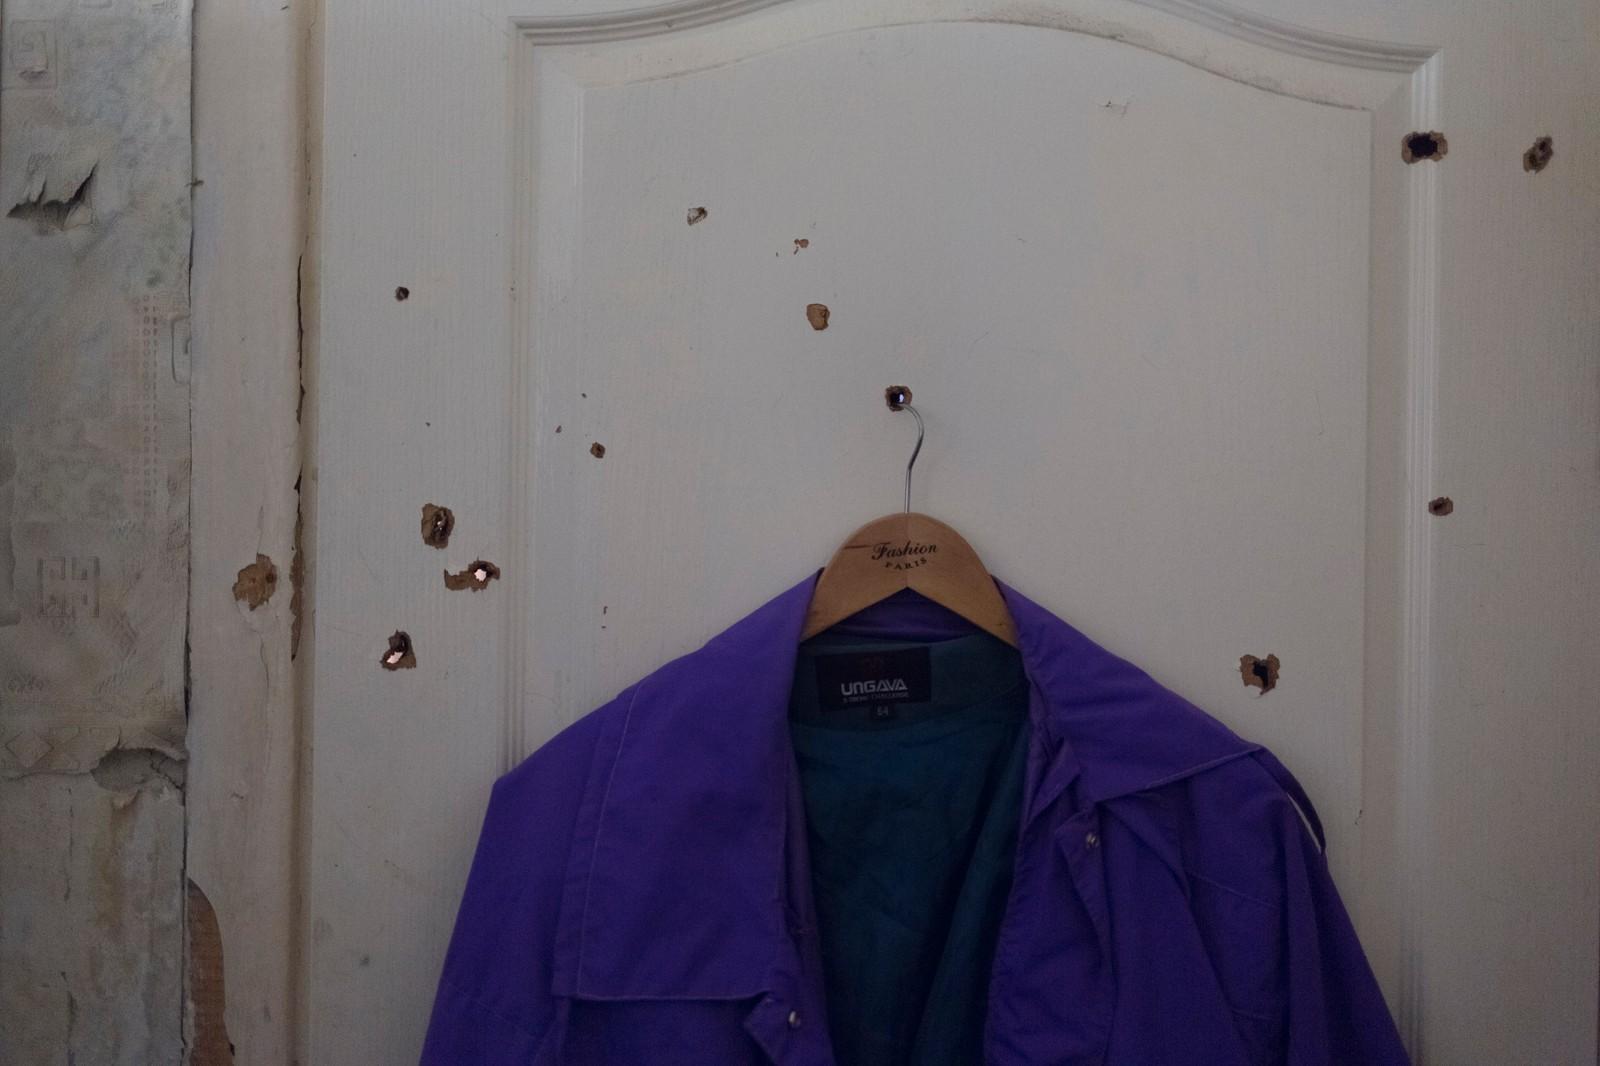 2. plass Dokumentar utland: Kyrre Lien, frilans.  En republikk av rebeller: Krigen i Donetsk i Øst-Ukraina er inne i sitt tredje år. 10.000 er drept og nær to millioner drevet på flukt. Kampene mellom de russiskstøttede opprørerne og det ukrainske militæret er ofte intense. Mennesker drepes daglige i en krig som ikke ser ut til å ende med det første. Splintene fra en bombekastergranat har boret seg gjennom døren, kjøkkenet og inn til Galas soverom. Etter noen timer har hun allerede benyttet de nye hullene til en kleshenger.